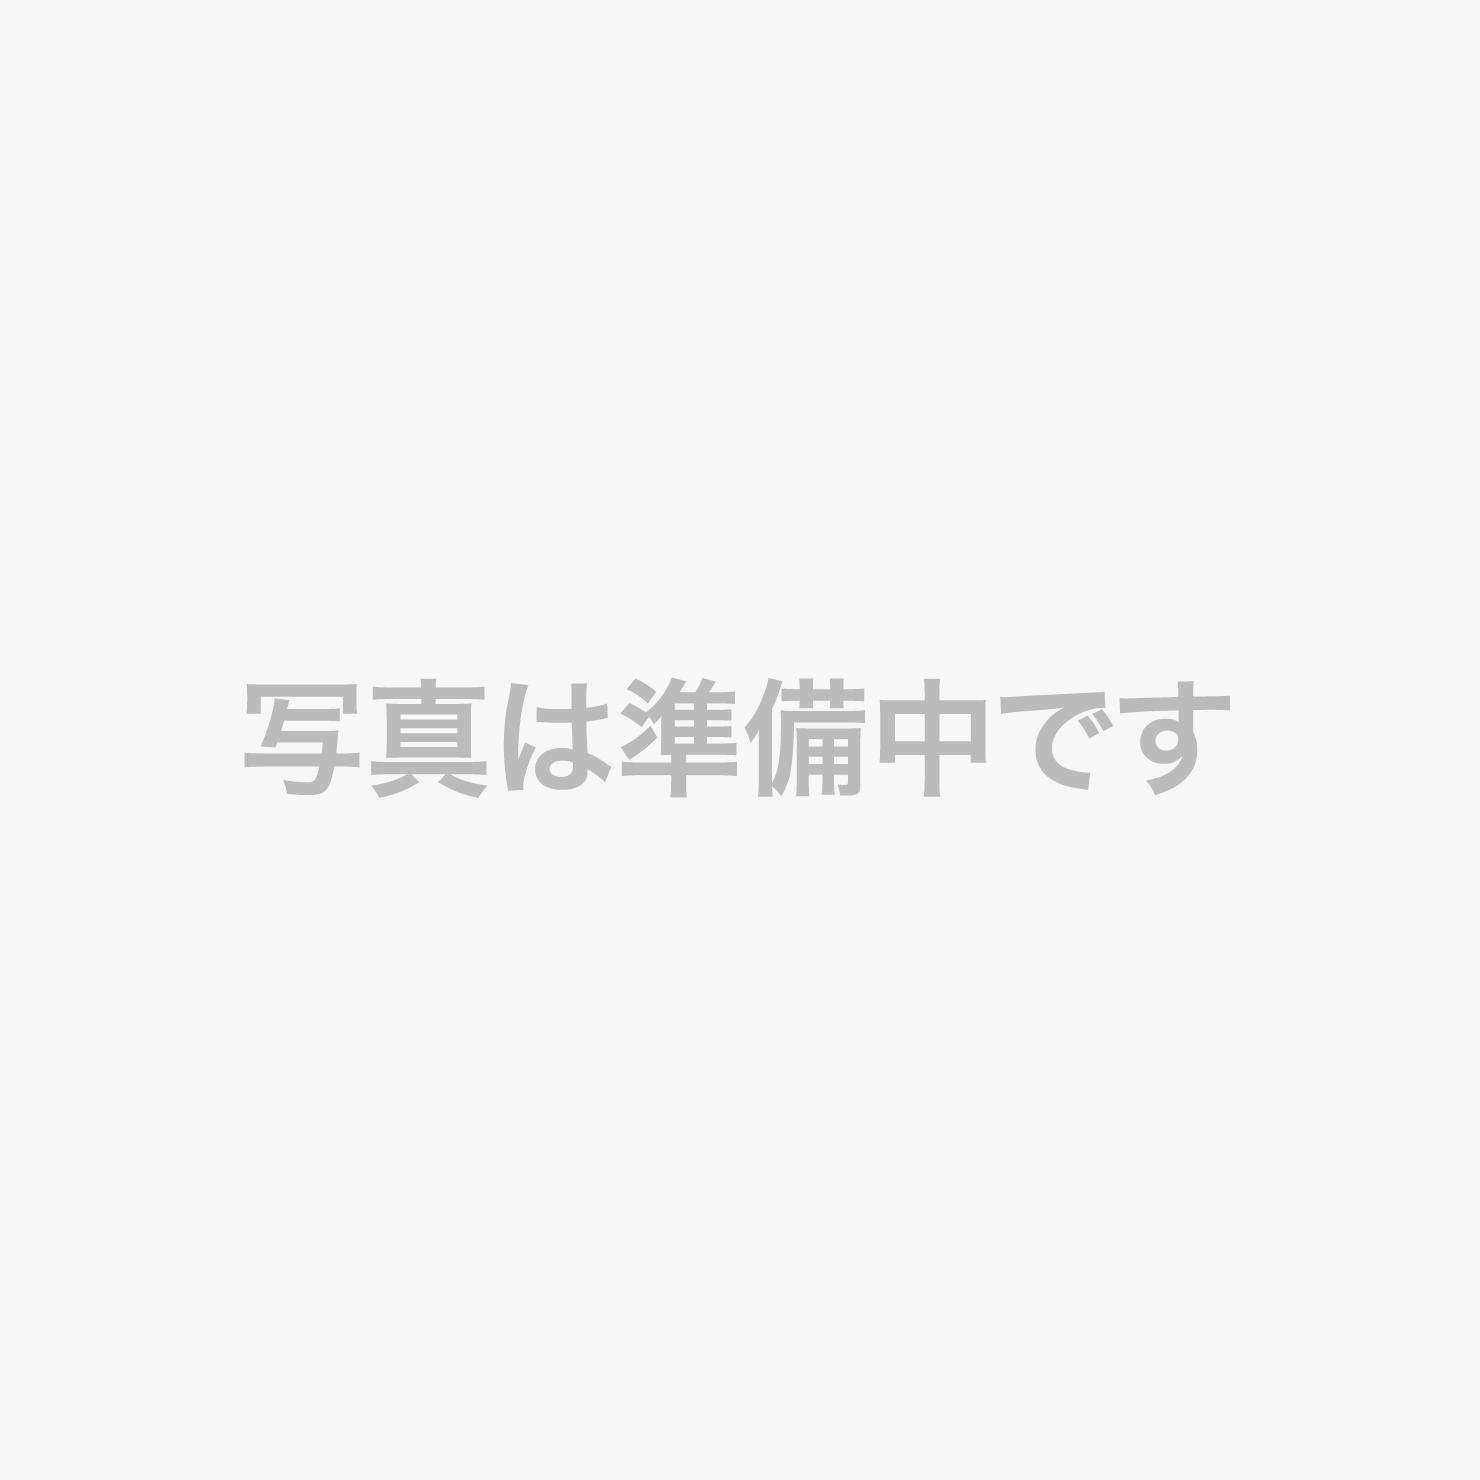 まんがコーナー(2F)